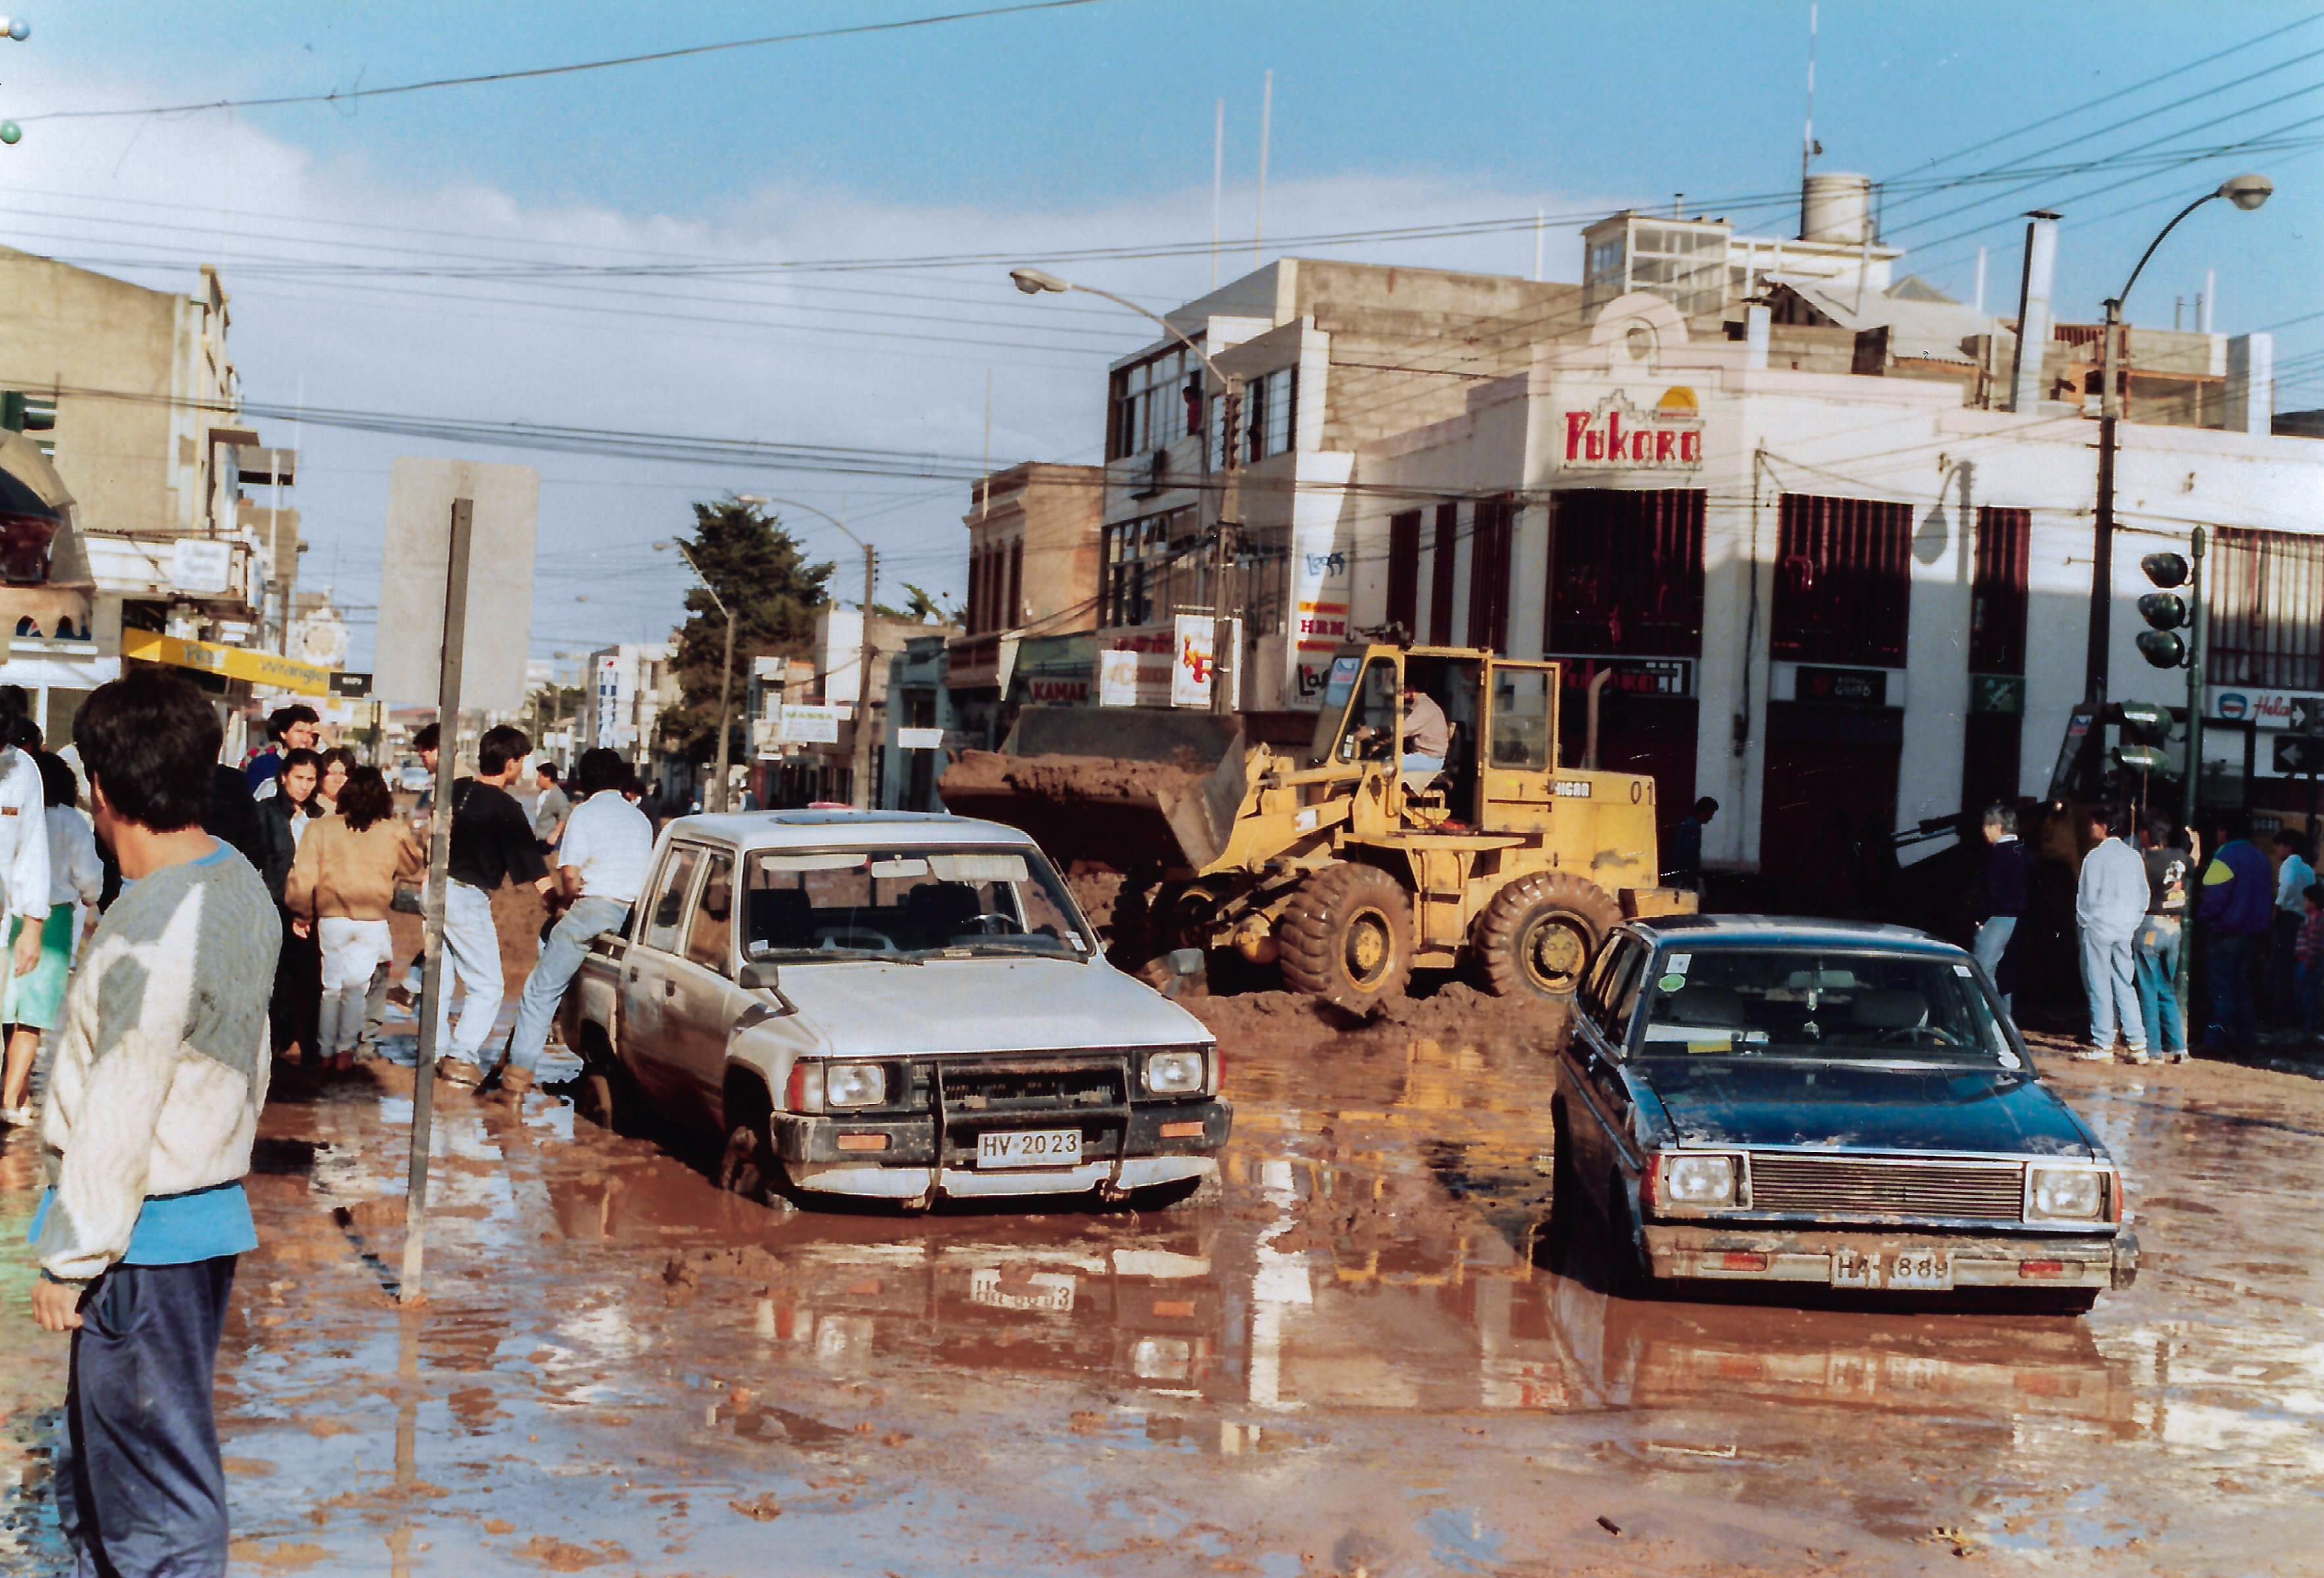 Enterreno - Fotos históricas de chile - fotos antiguas de Chile - Aluvión de junio de 1991 en Antofagasta